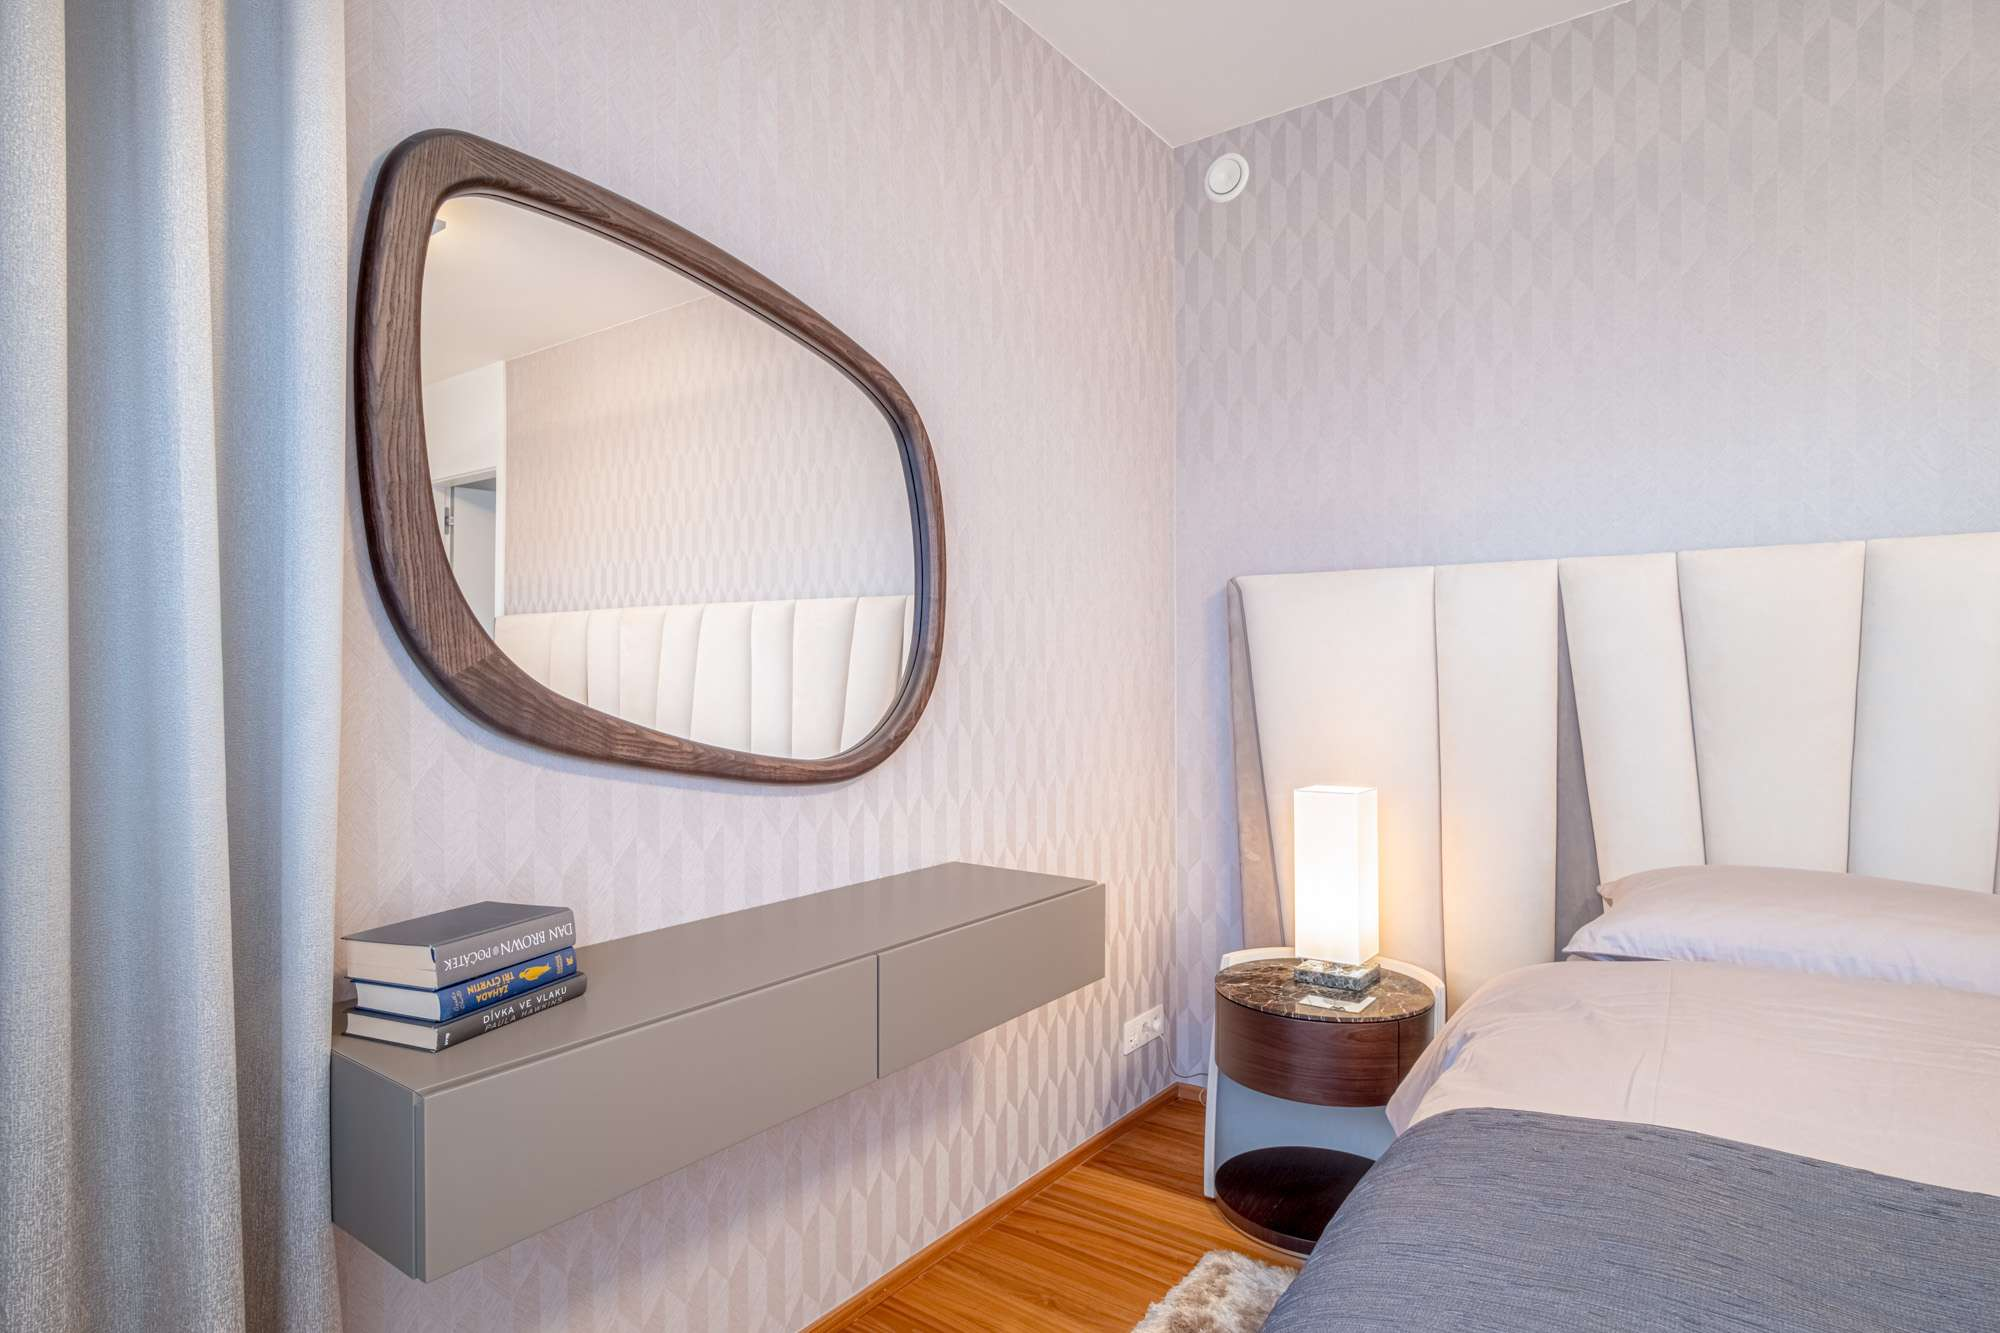 Designový byt | Designový interiér z Decolandu